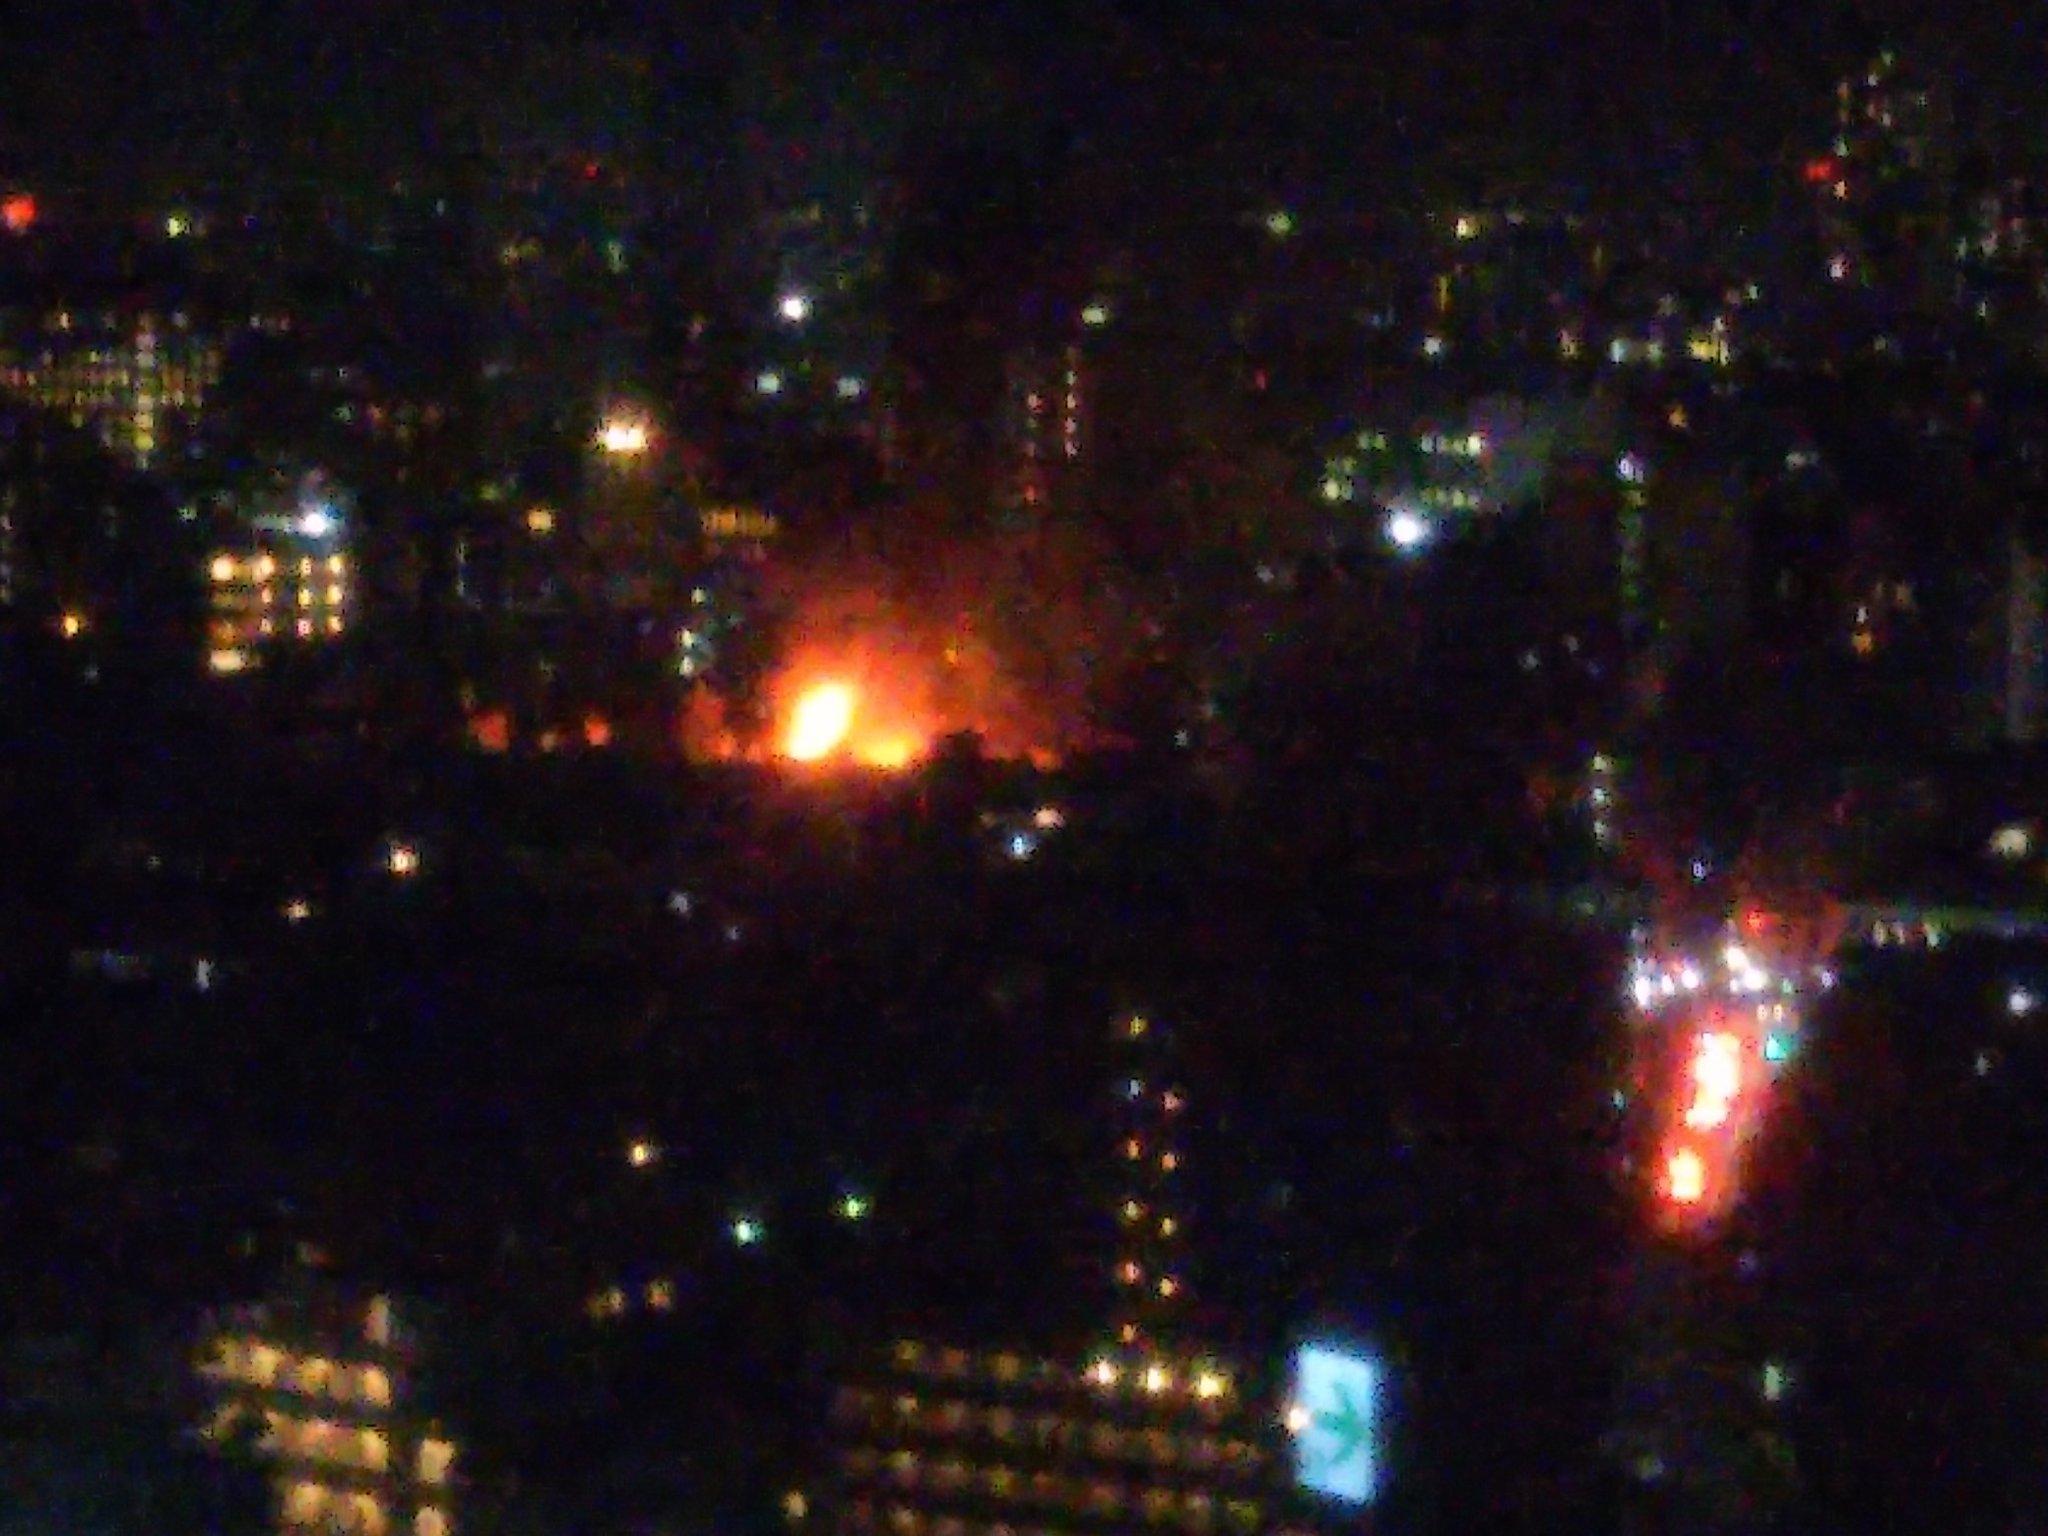 画像,火事のような炎が見える…#文京区 https://t.co/HeLjwMyj9E。